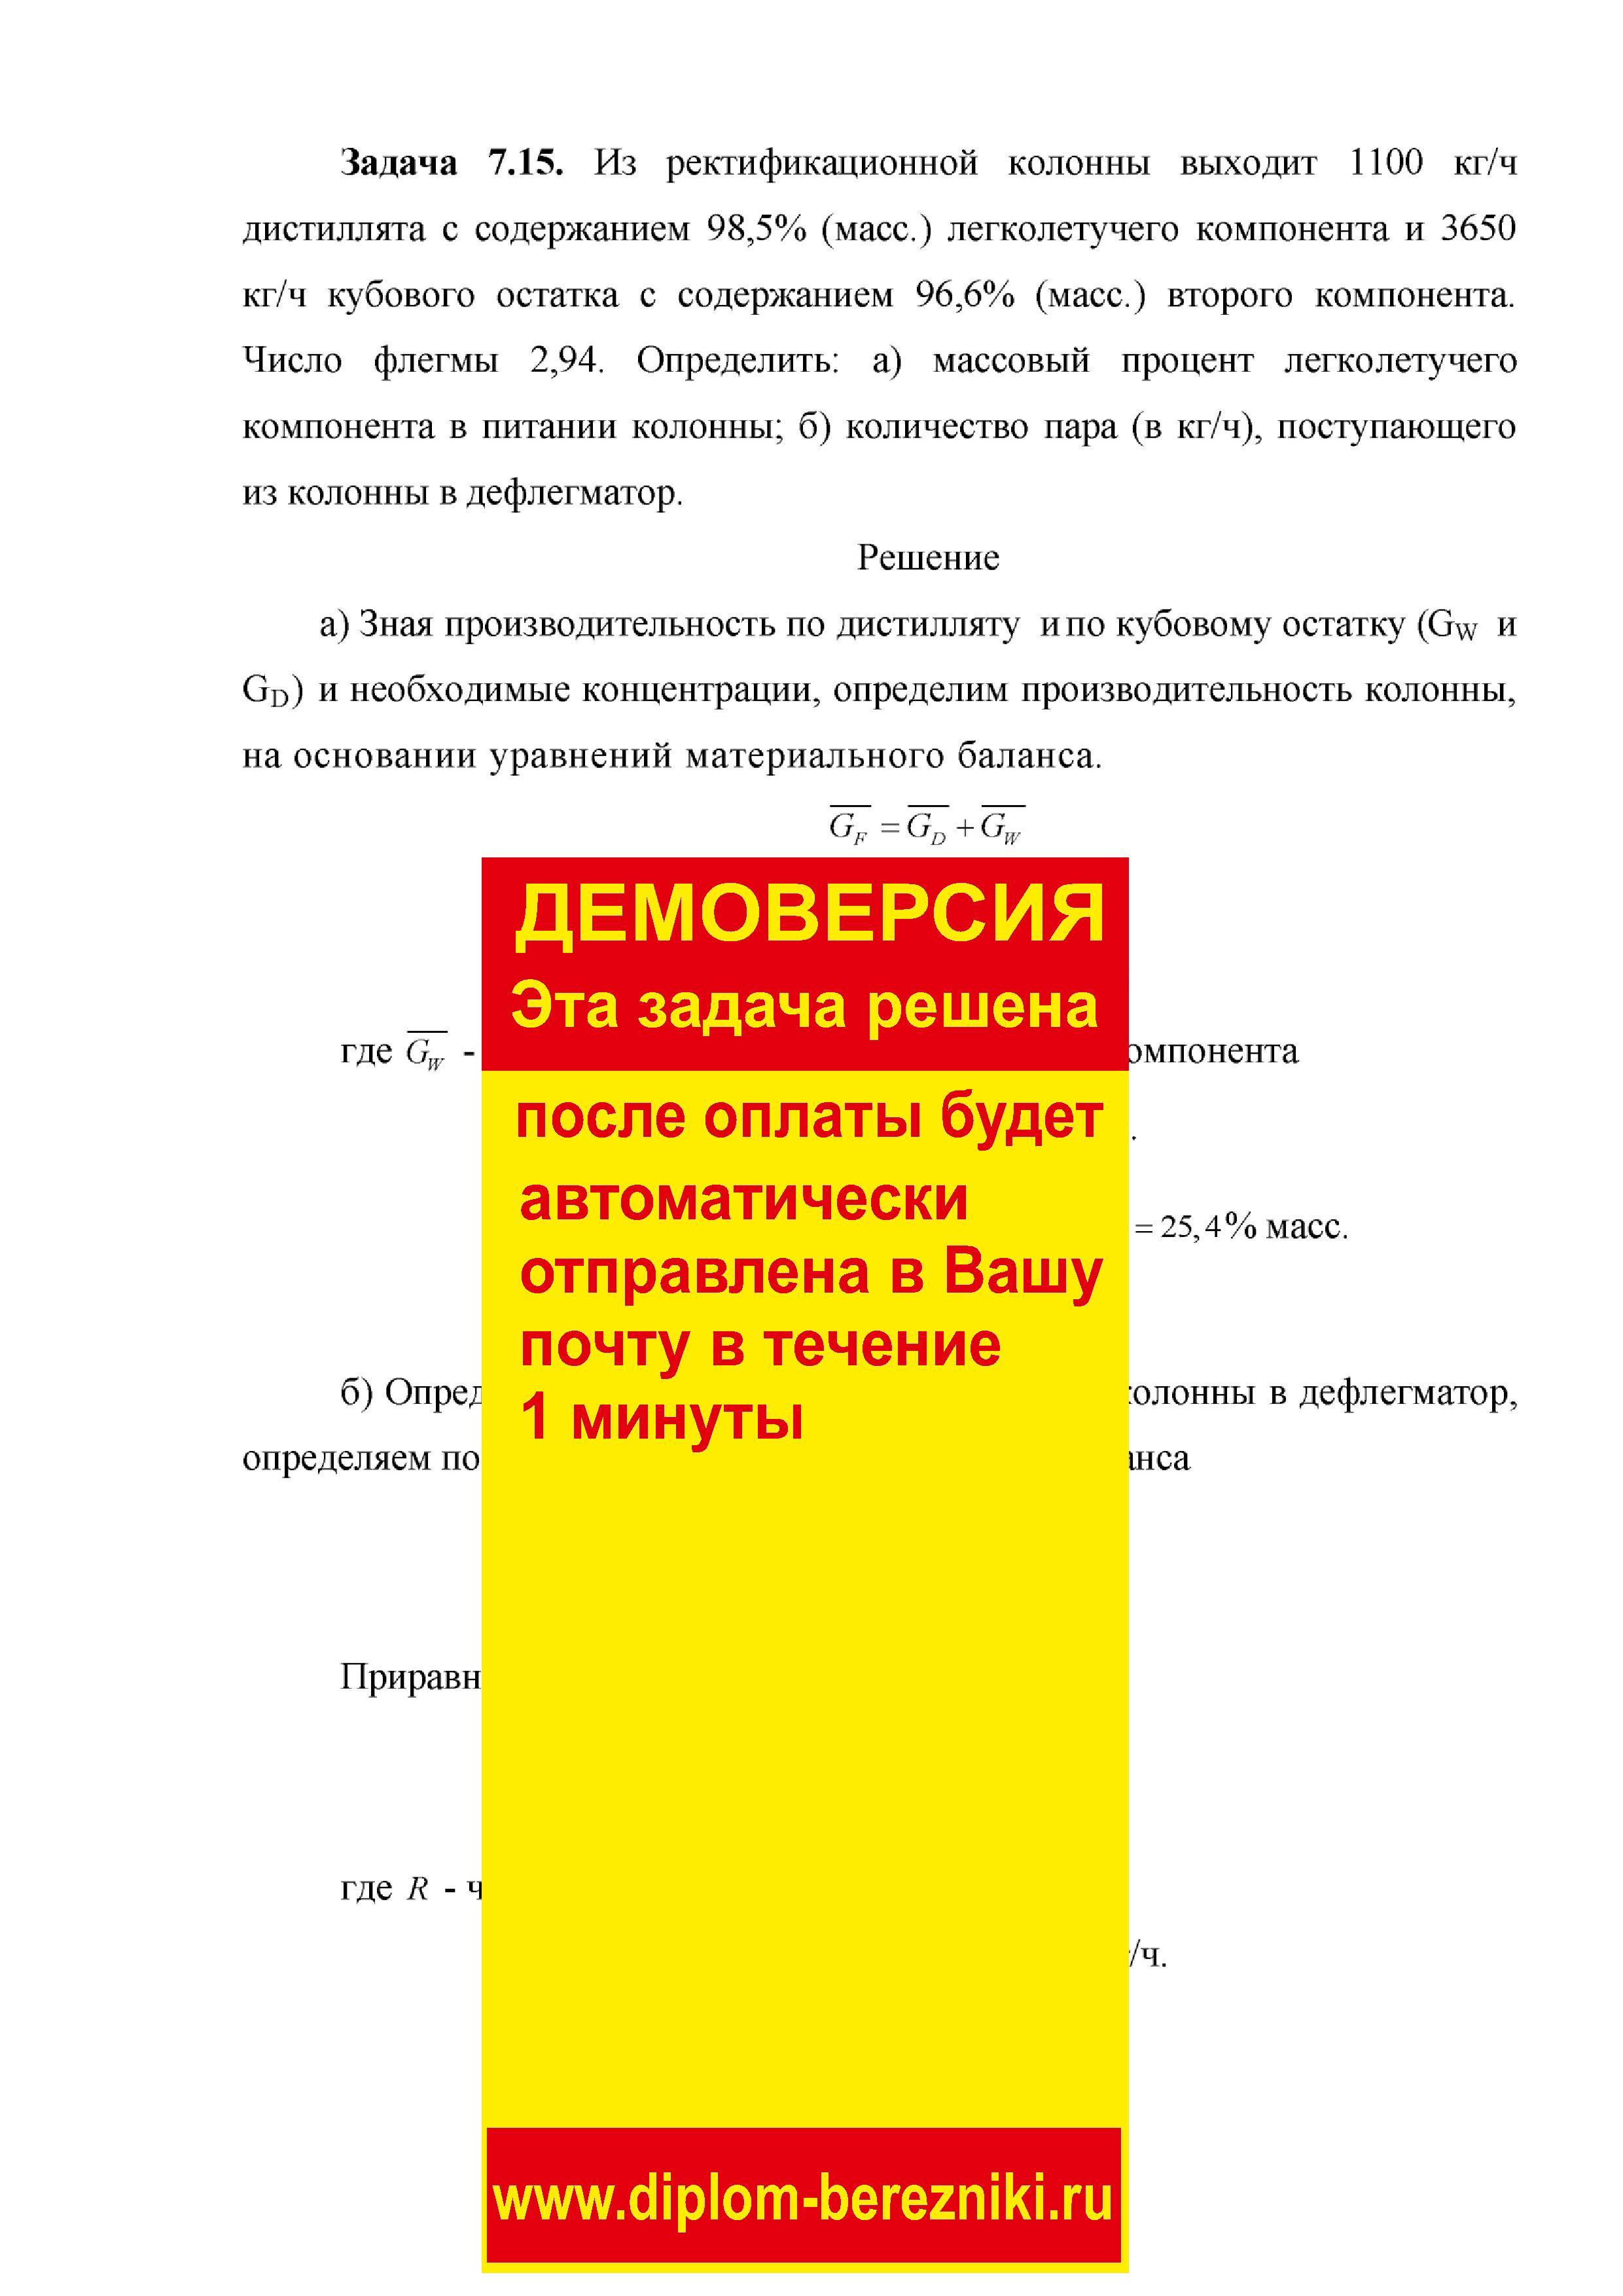 Решение задачи 7.15 по ПАХТ из задачника Павлова Романкова Носкова